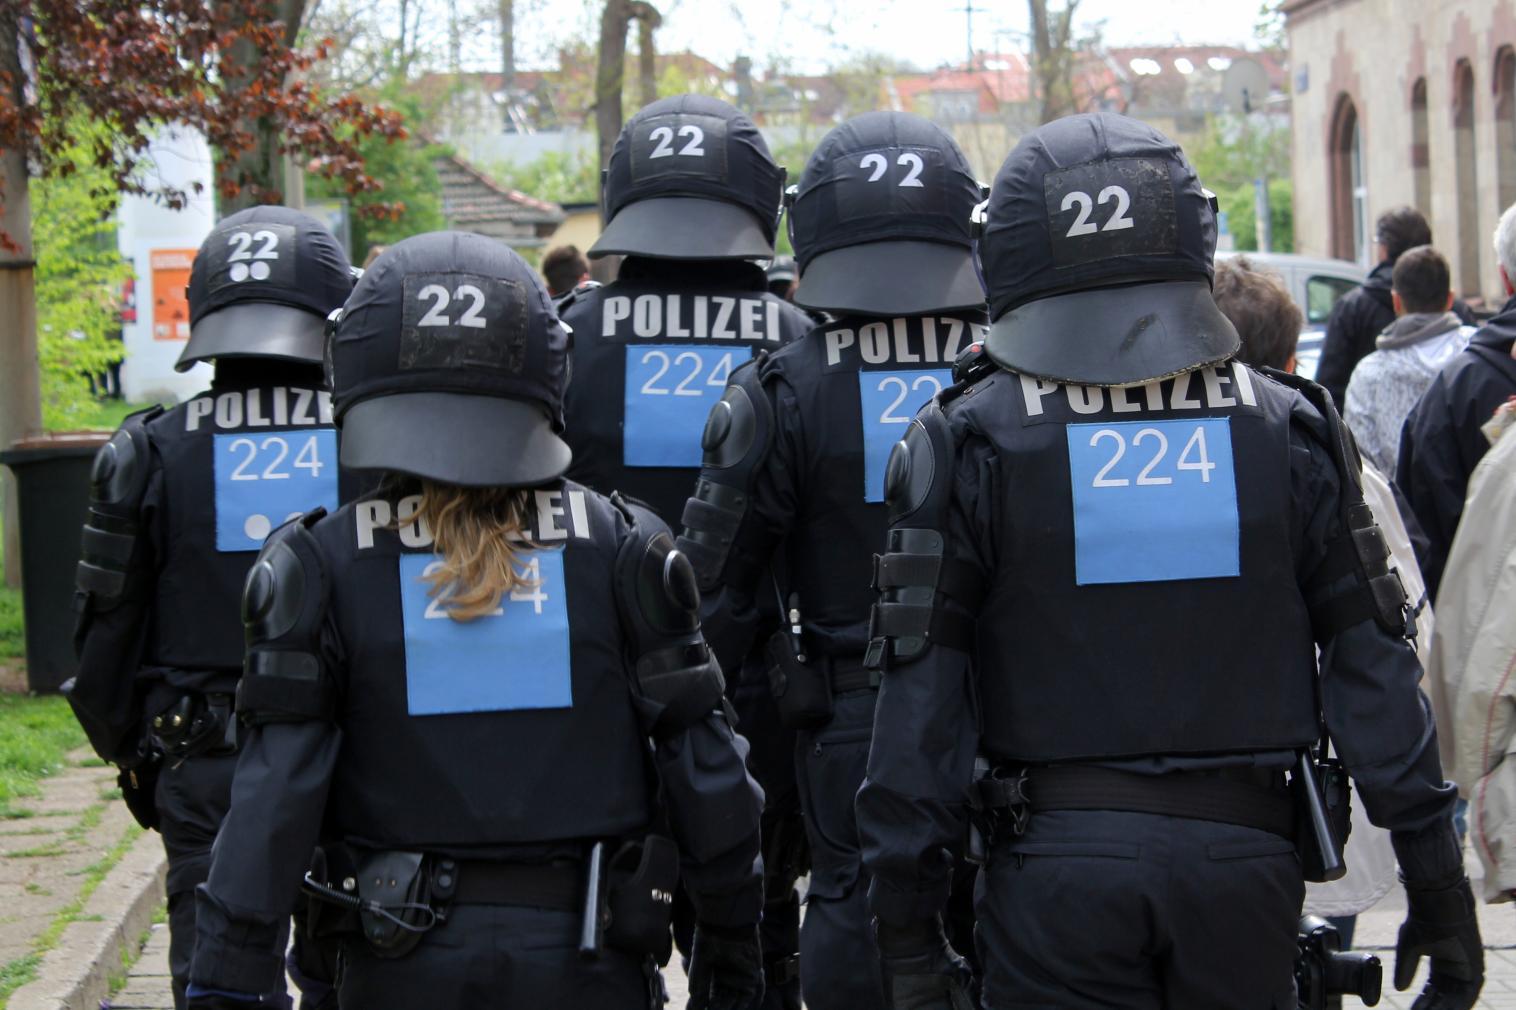 Polizei Thüringen Stellenangebote